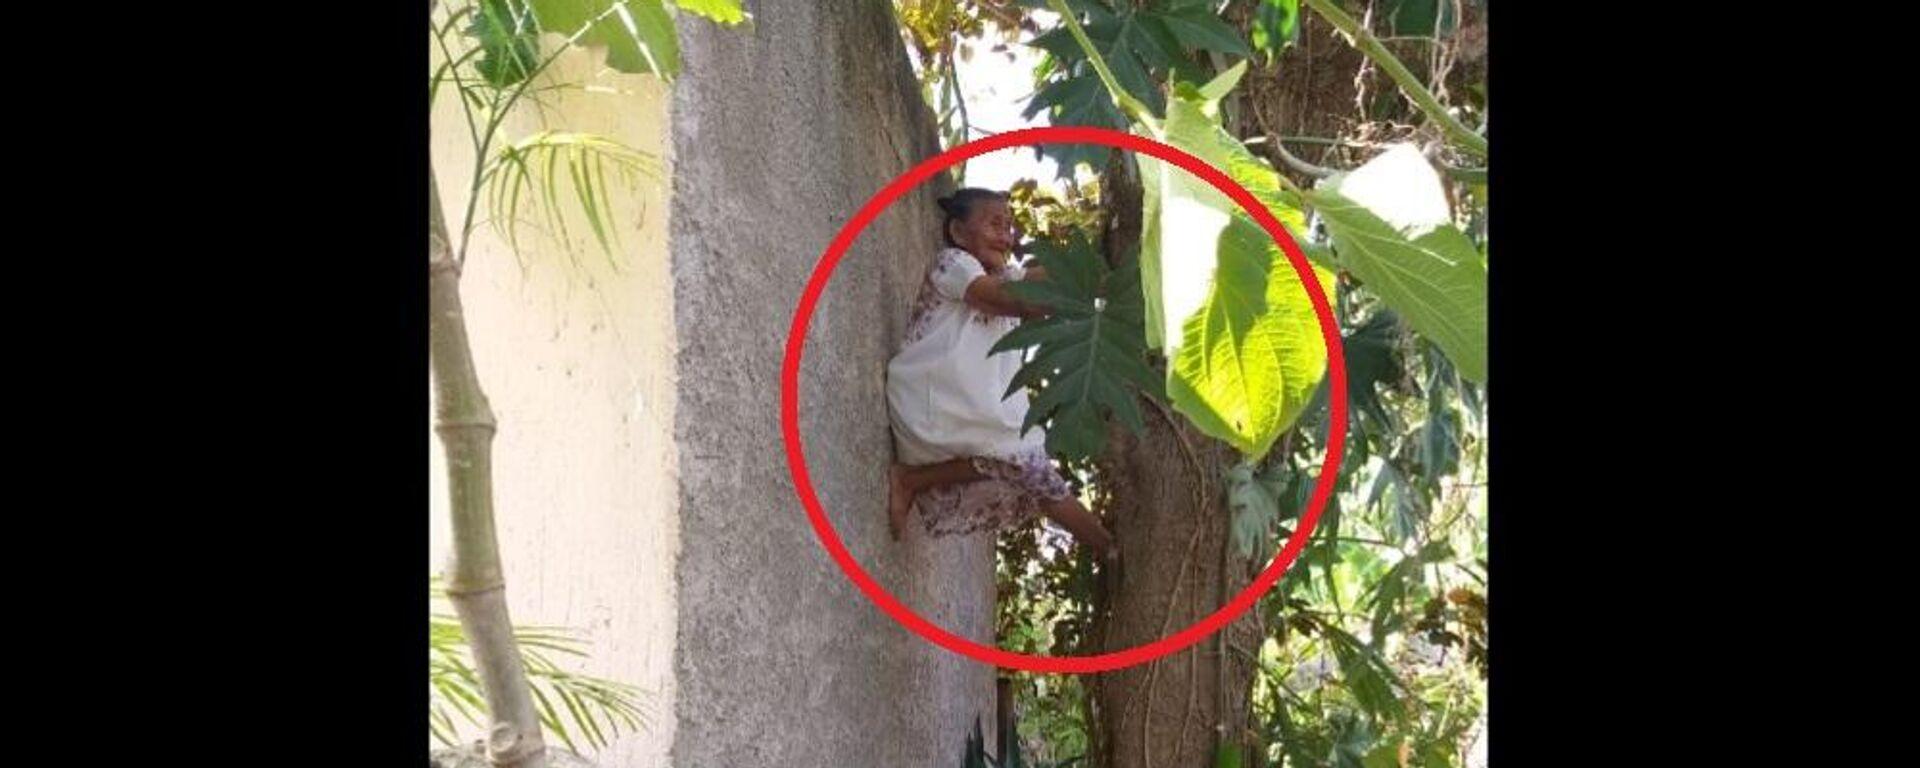 Γιαγιά 88 ετών σκαρφαλώνει στα δέντρα για να κόψει φρούτα - Sputnik Ελλάδα, 1920, 10.04.2021